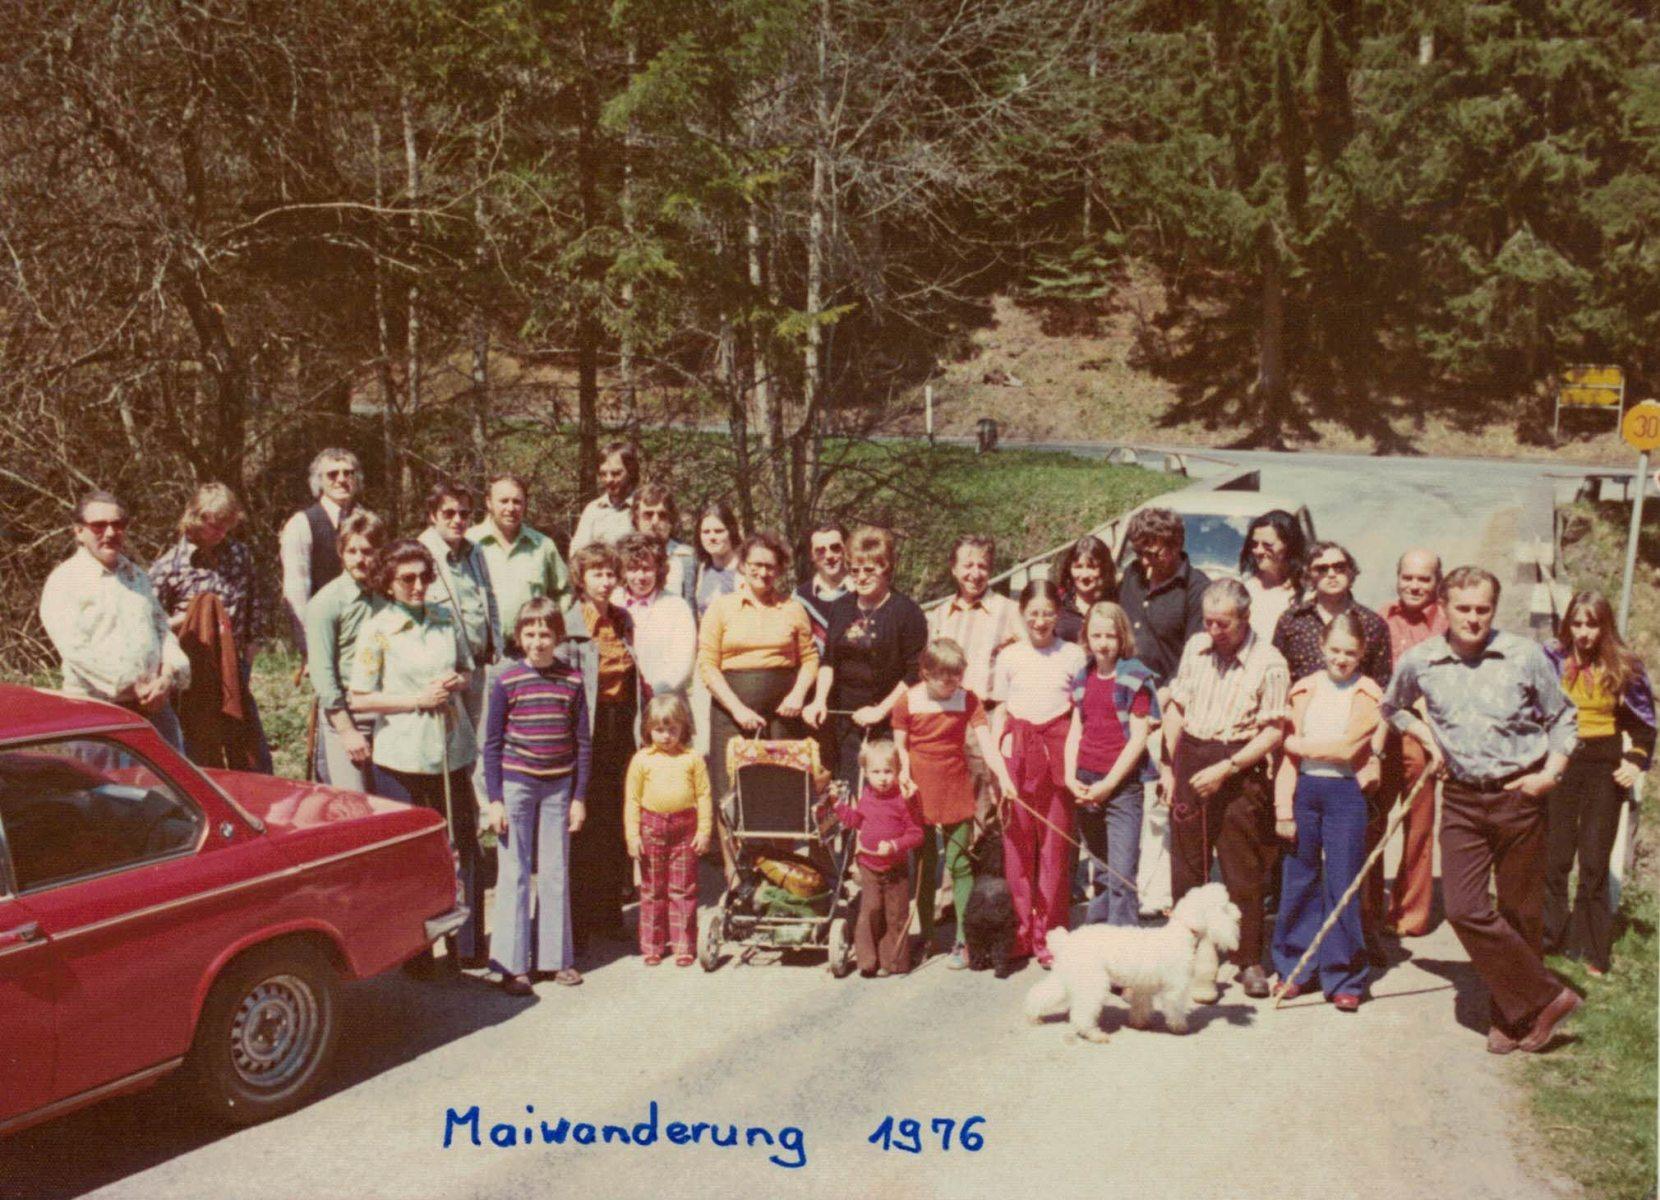 Maiwanderung 1976